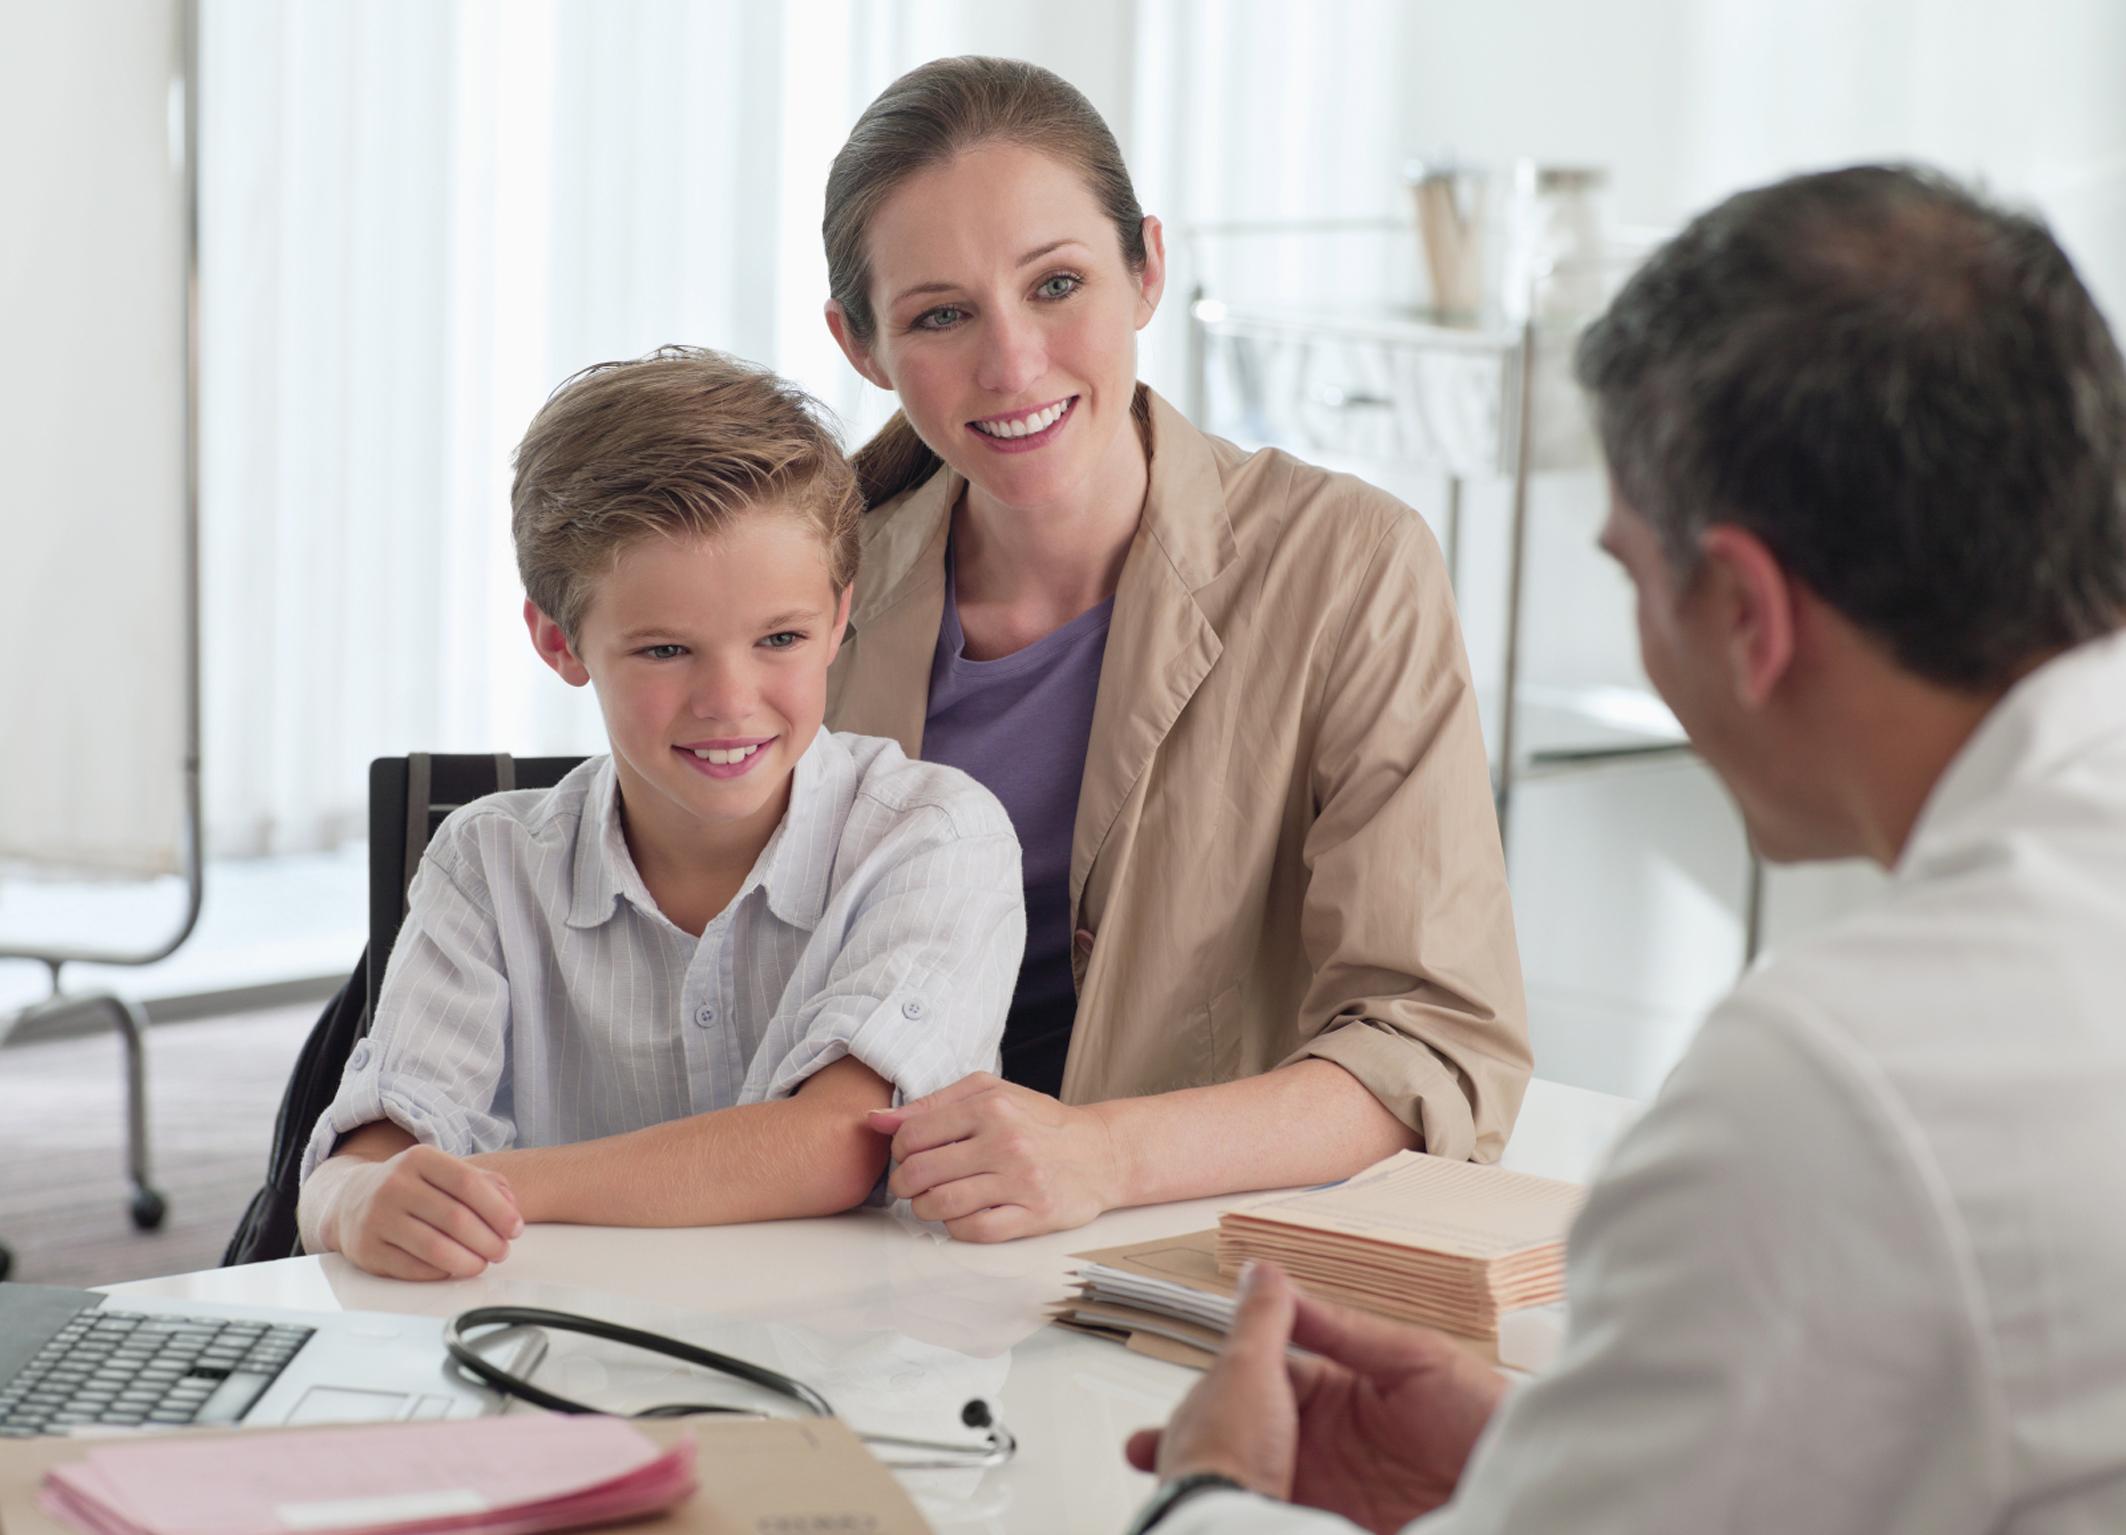 Wir fordern eine Patientenkartei, die extern gelagert und nicht nur für einen Arzt zugänglich ist. Der/Die einzelne Patient/in hat das alleinige Verfügungsrecht.